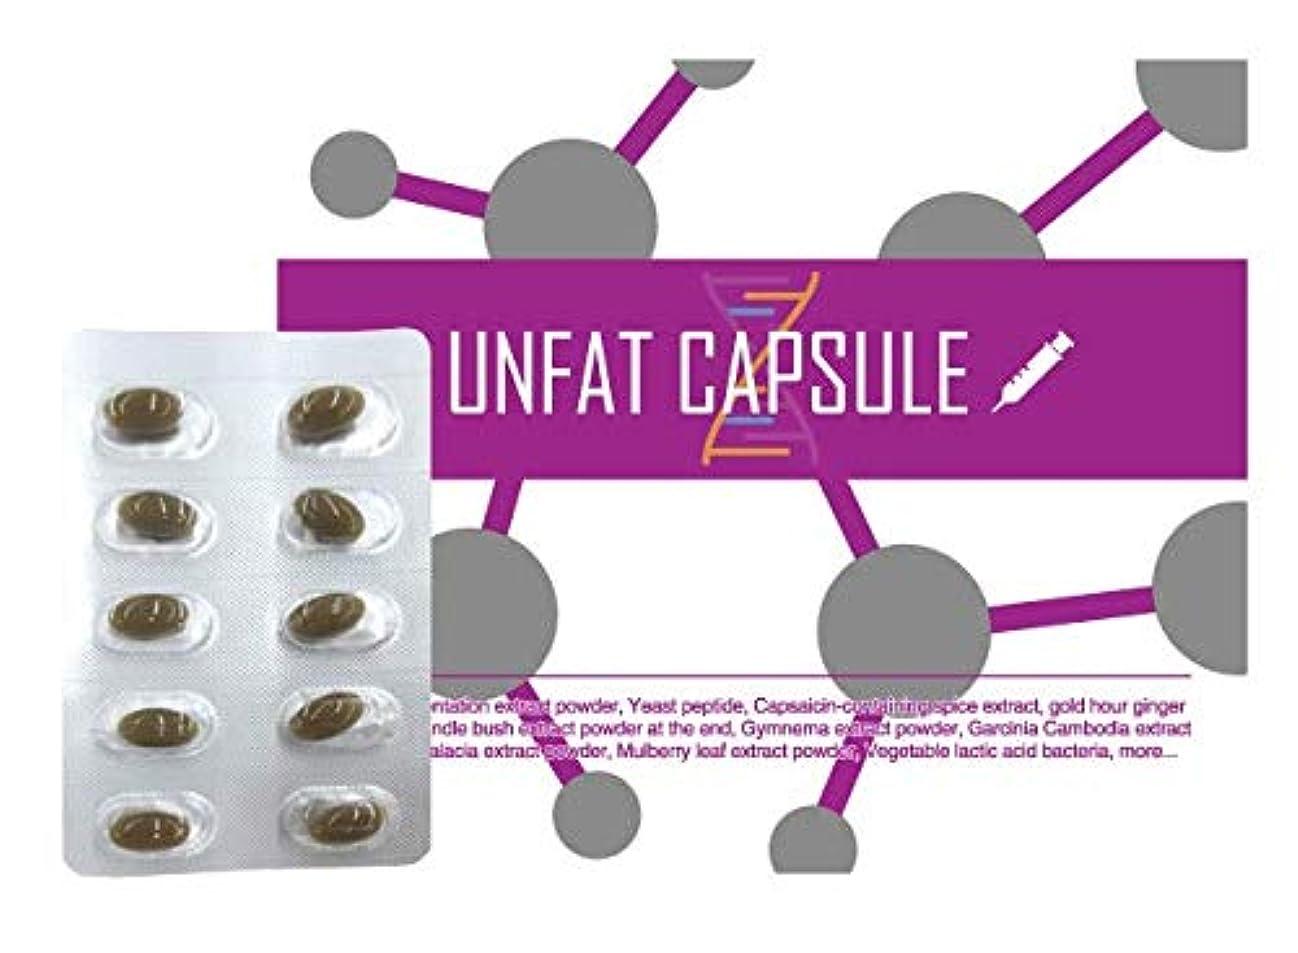 飢えパースブラックボロウ専門アンファットカプセル (1) / サプリメント ビタミンC アルギニン 栄養補助食品